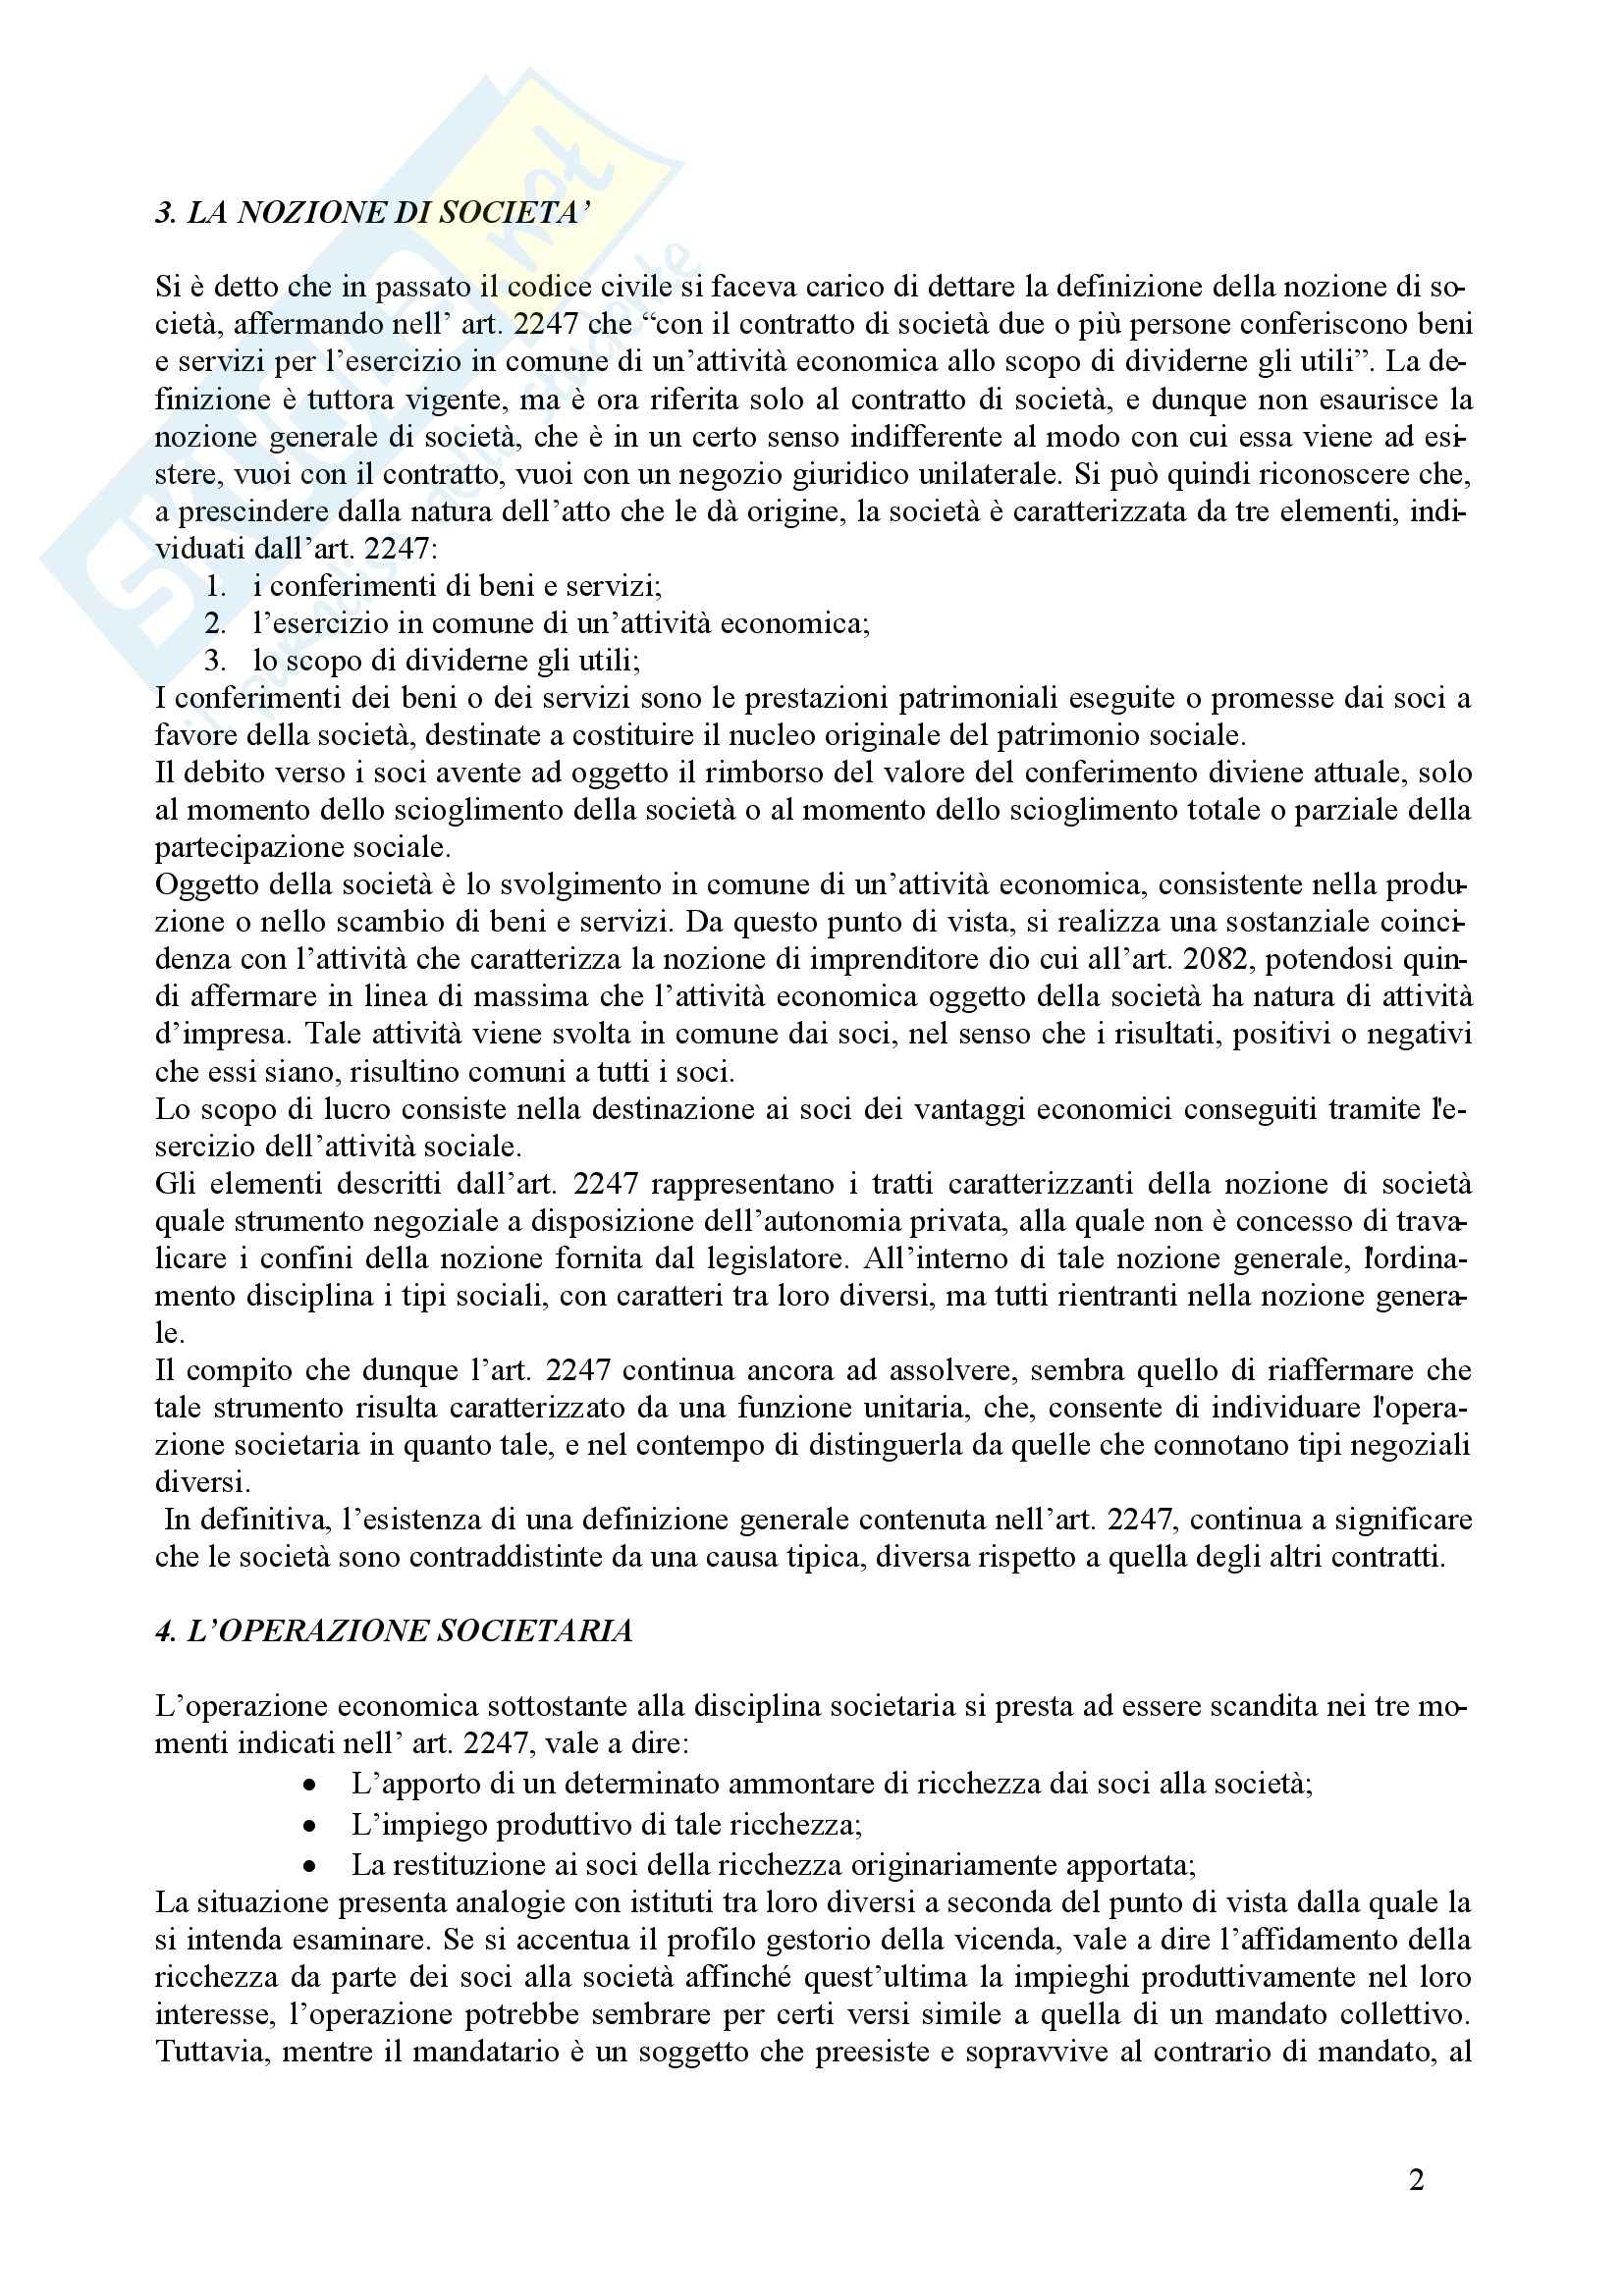 Diritto commerciale - il diritto delle società Pag. 2